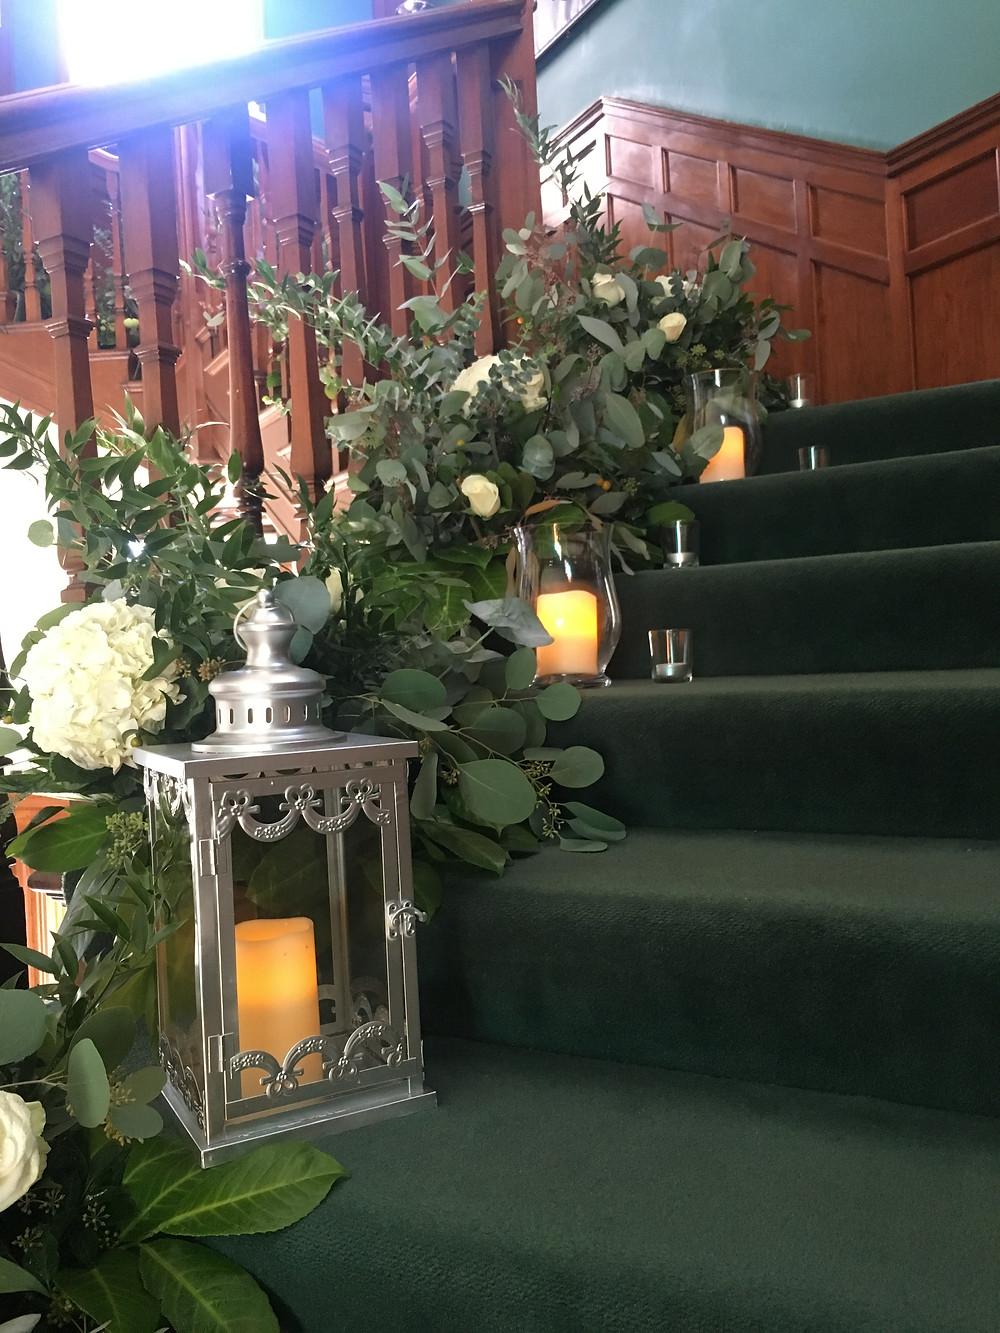 statement floral staircase arrangement